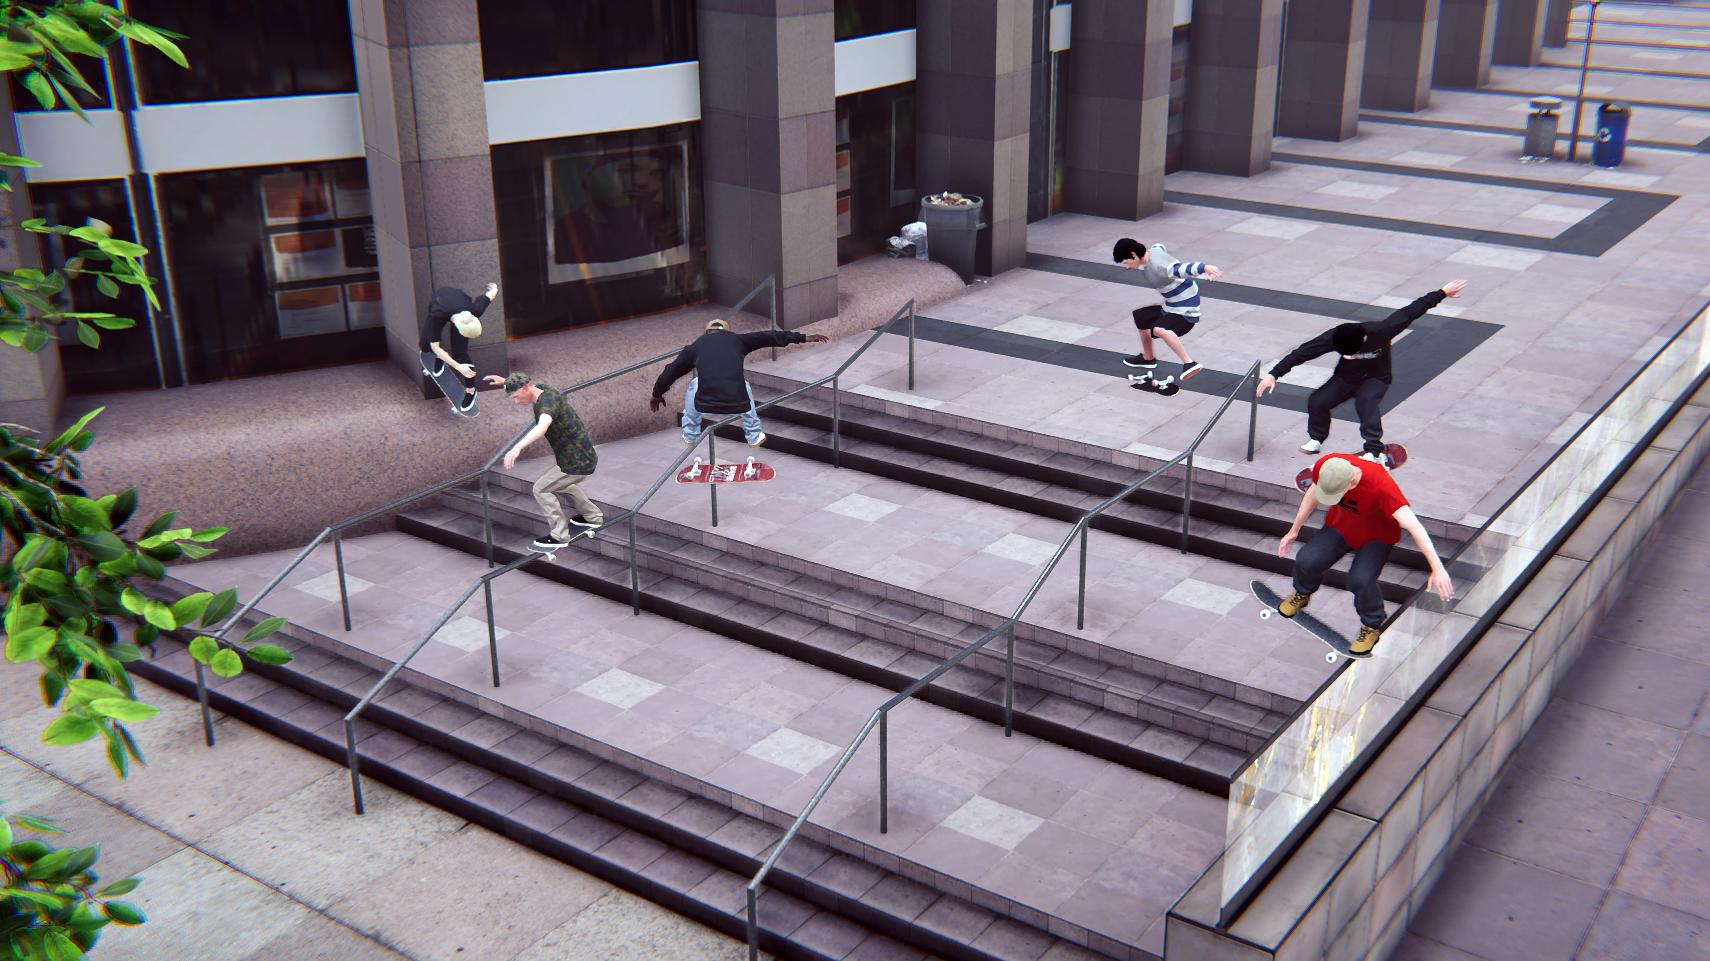 skater xl multiplayer free skate -1